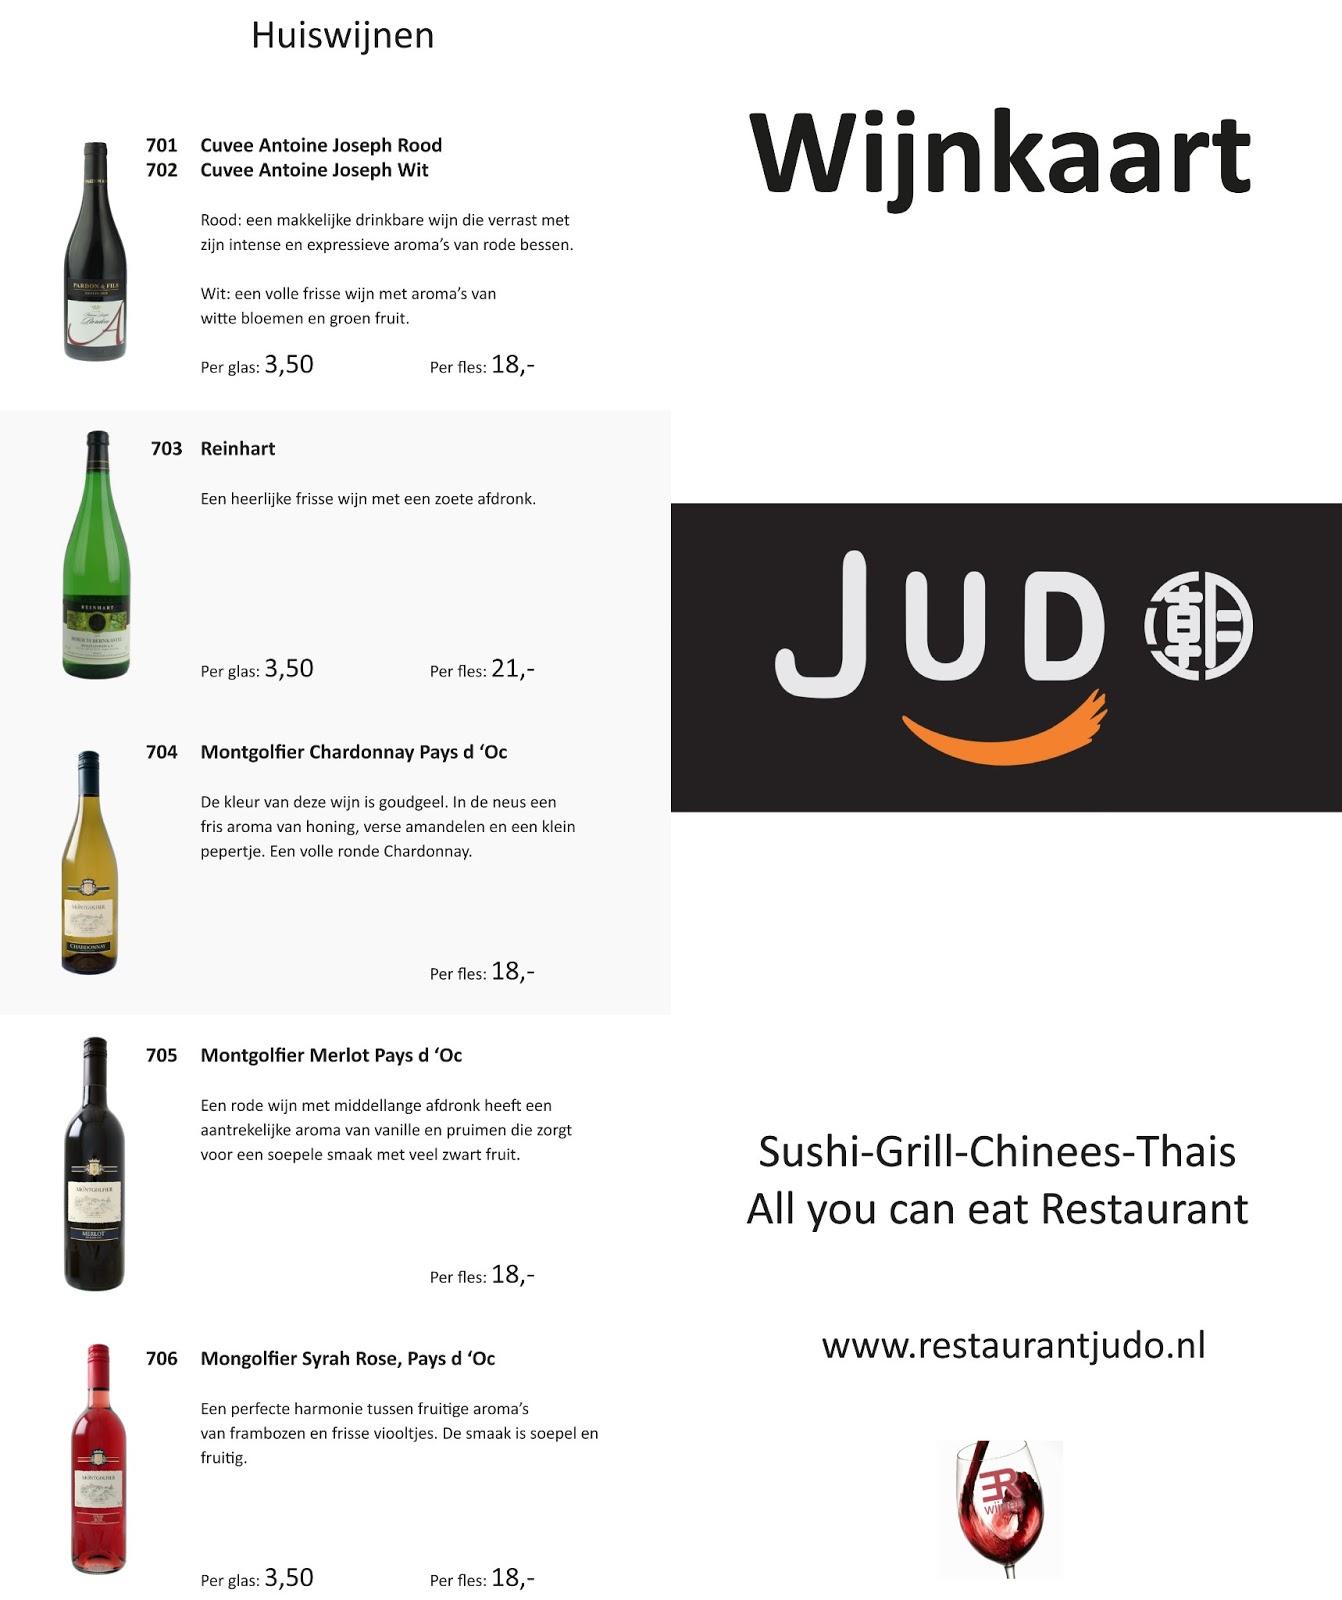 Menukaart Wijnkaart Restaurant Judo